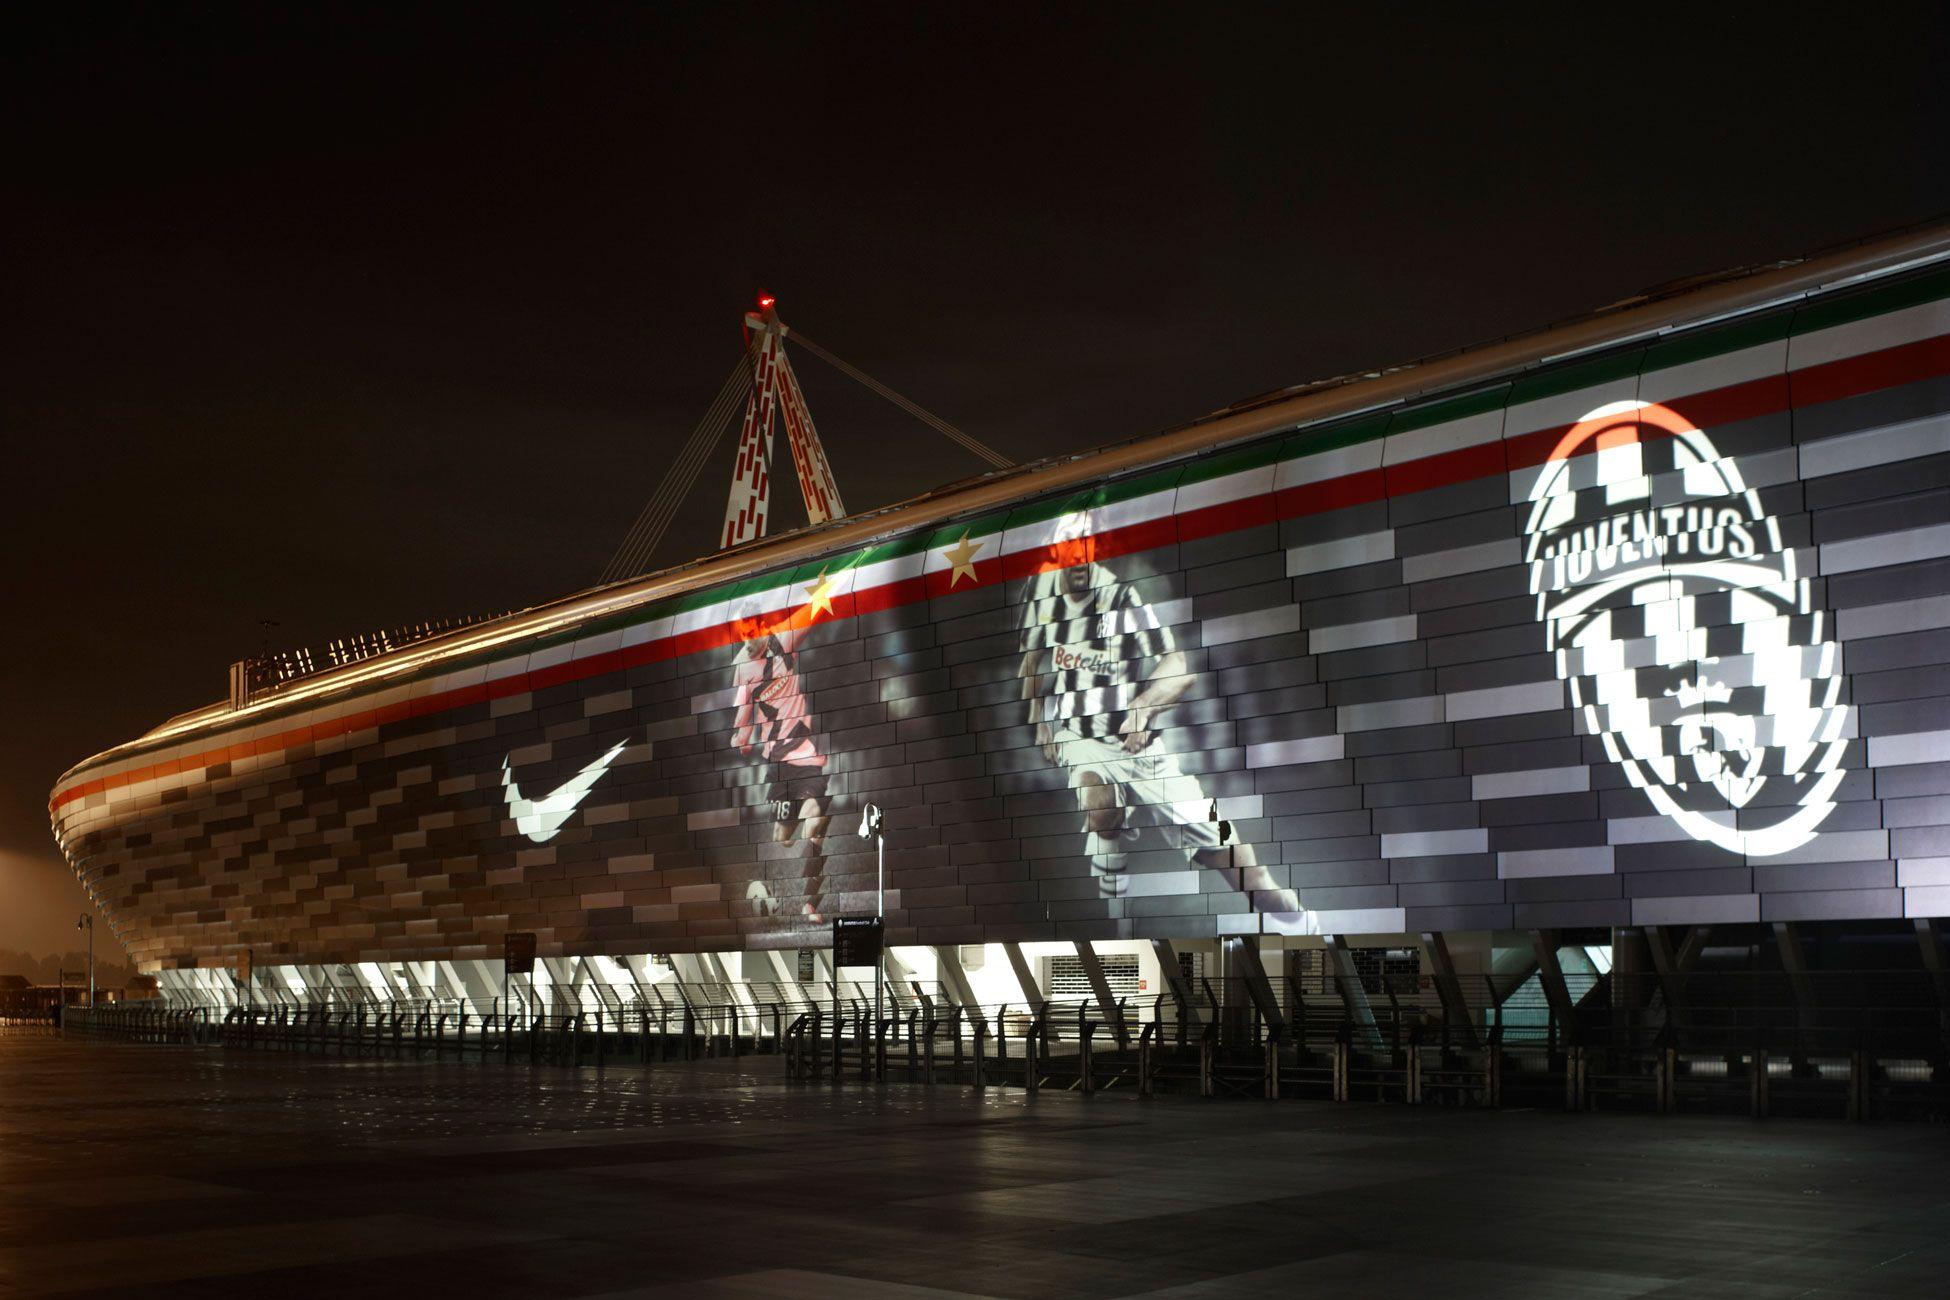 Google chrome themes juventus - Juventus Stadium Wallpaper Hd Background